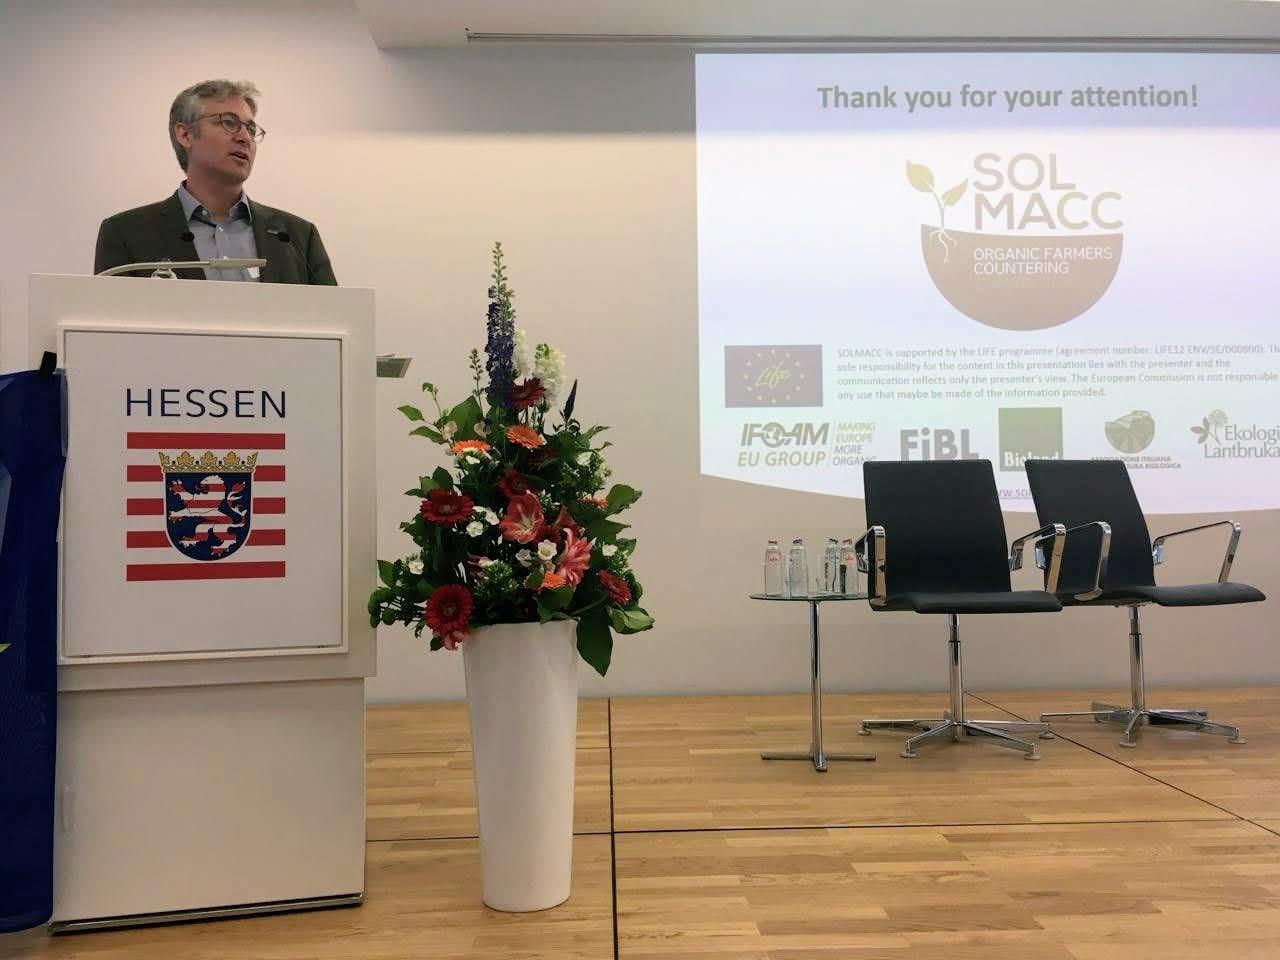 IFOAM EU SOLMACC final event